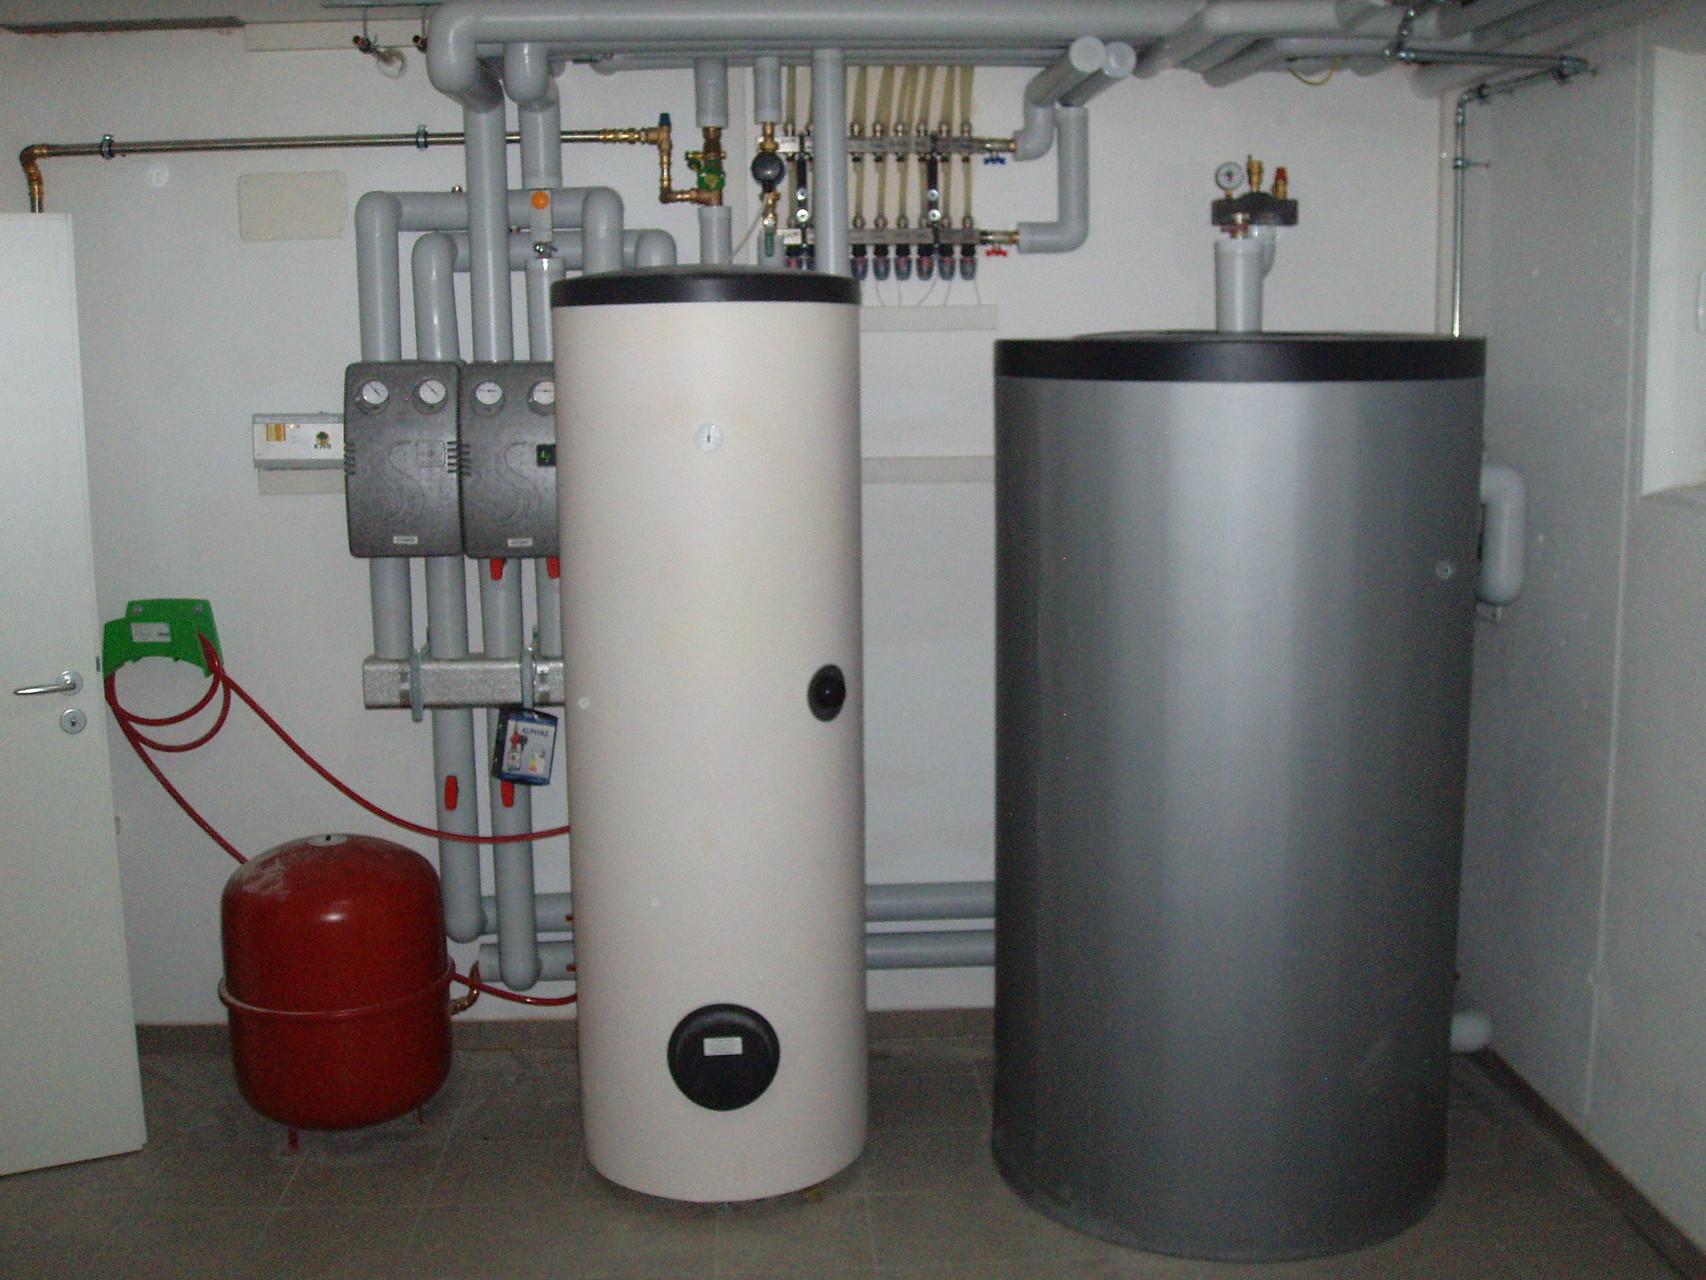 Übergabestation Heizung mit Puffer- und Warmwasserspeicher